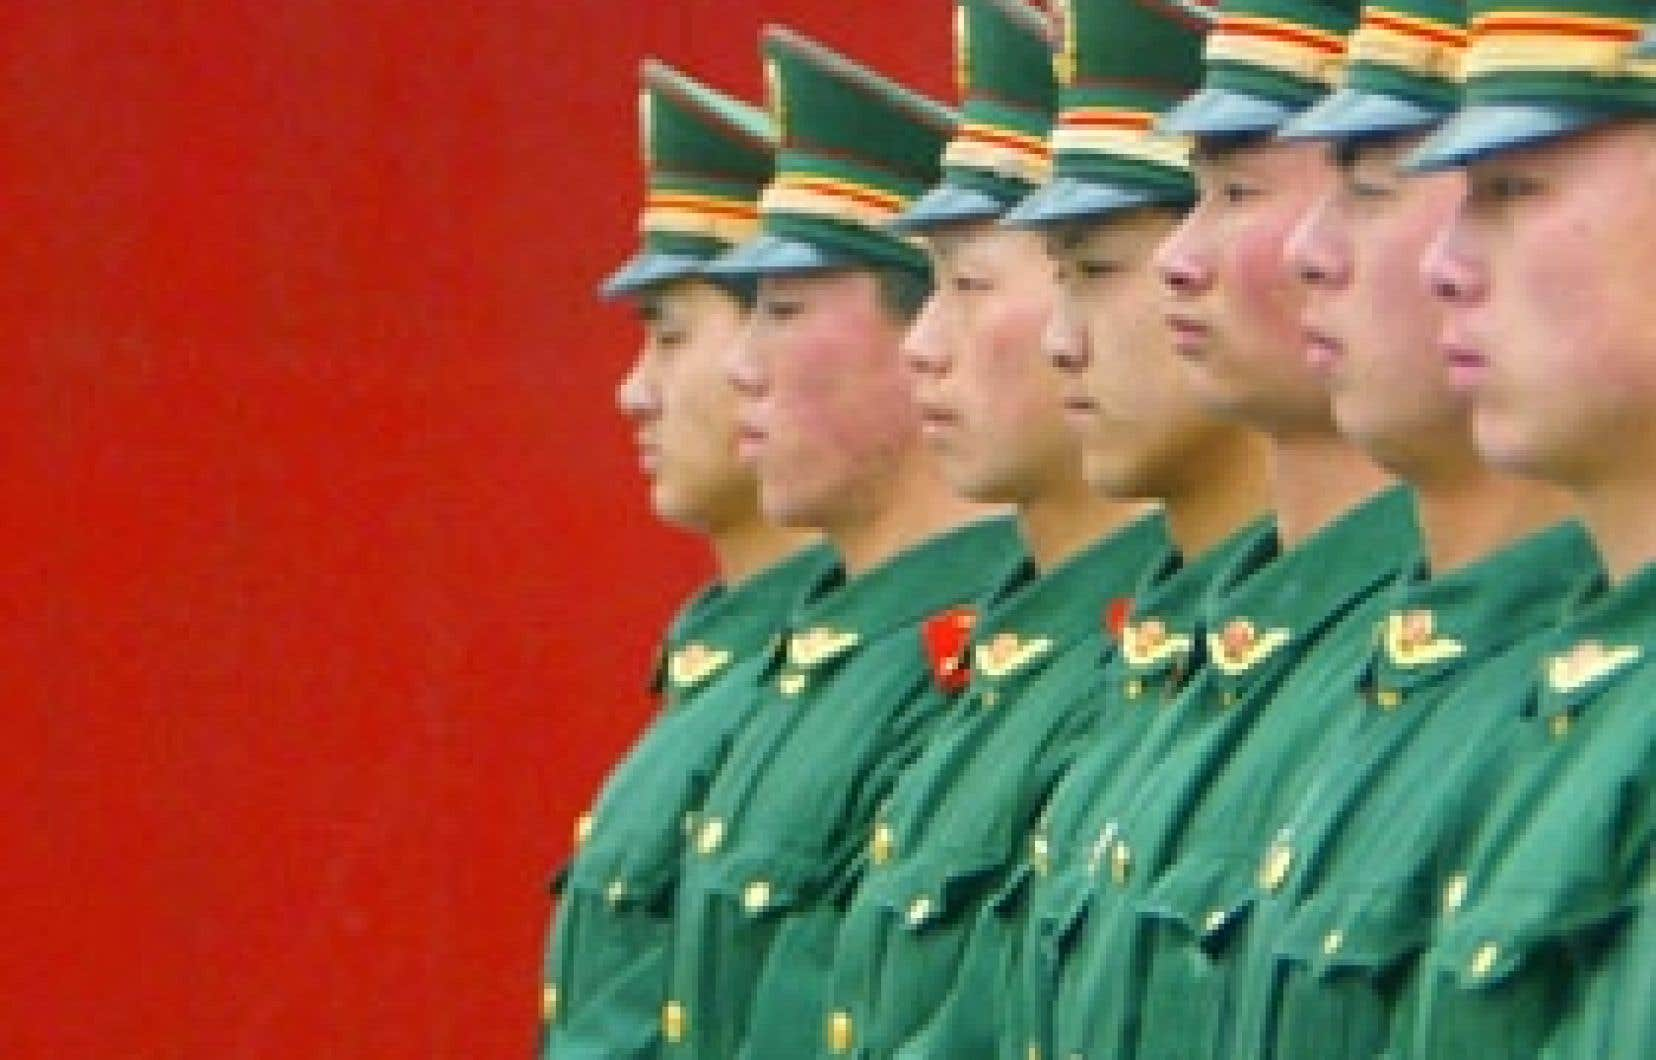 La décision du gouvernement autoritaire de la Chine d'éliminer d'ici juin les sacs de plastique contraste avec le caractère indécis des démocraties.